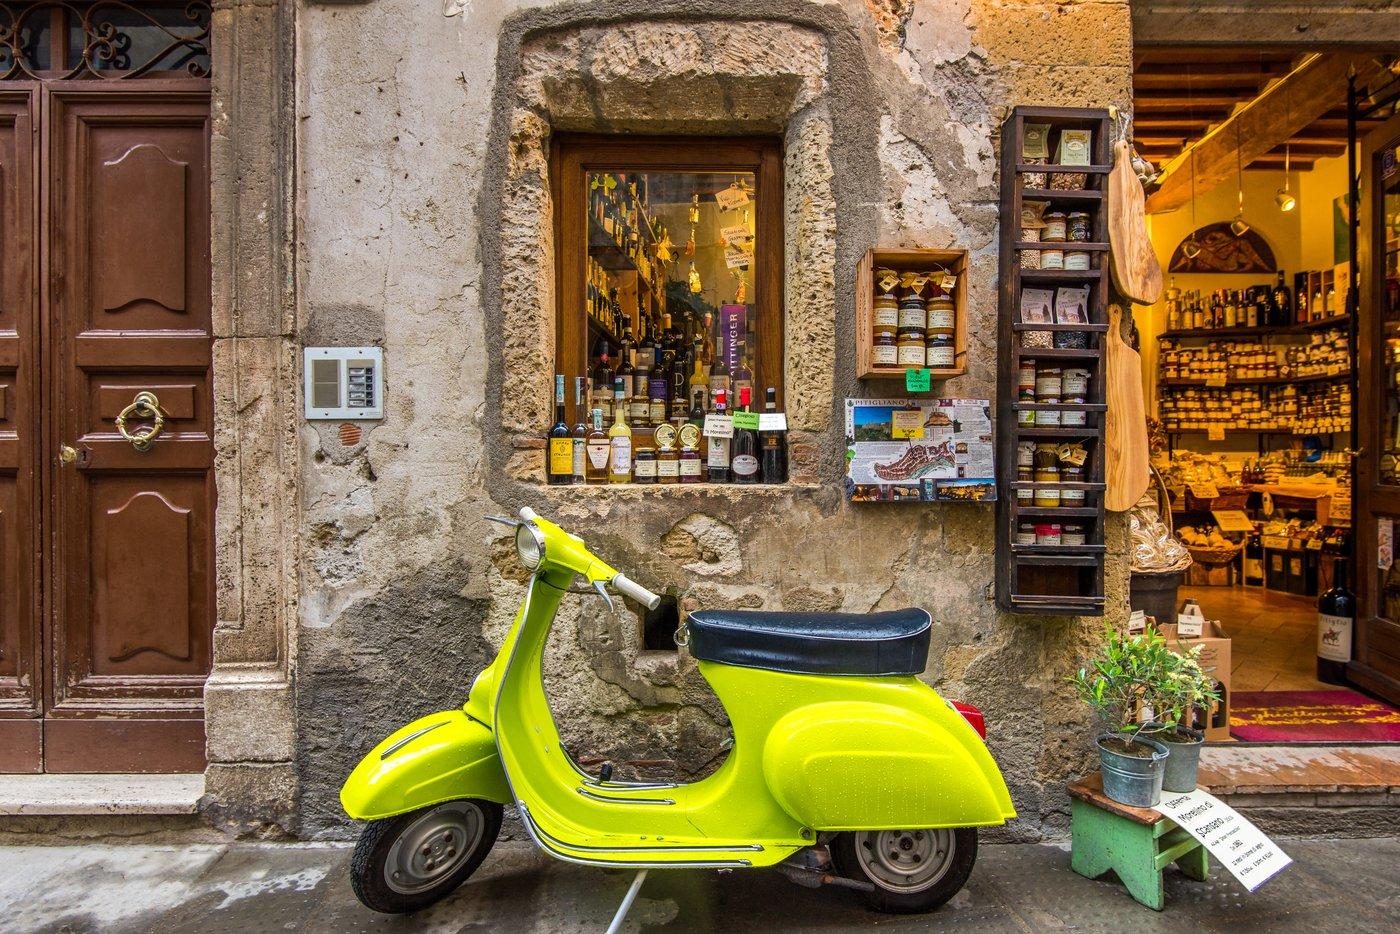 Photo Tour of Italy 14